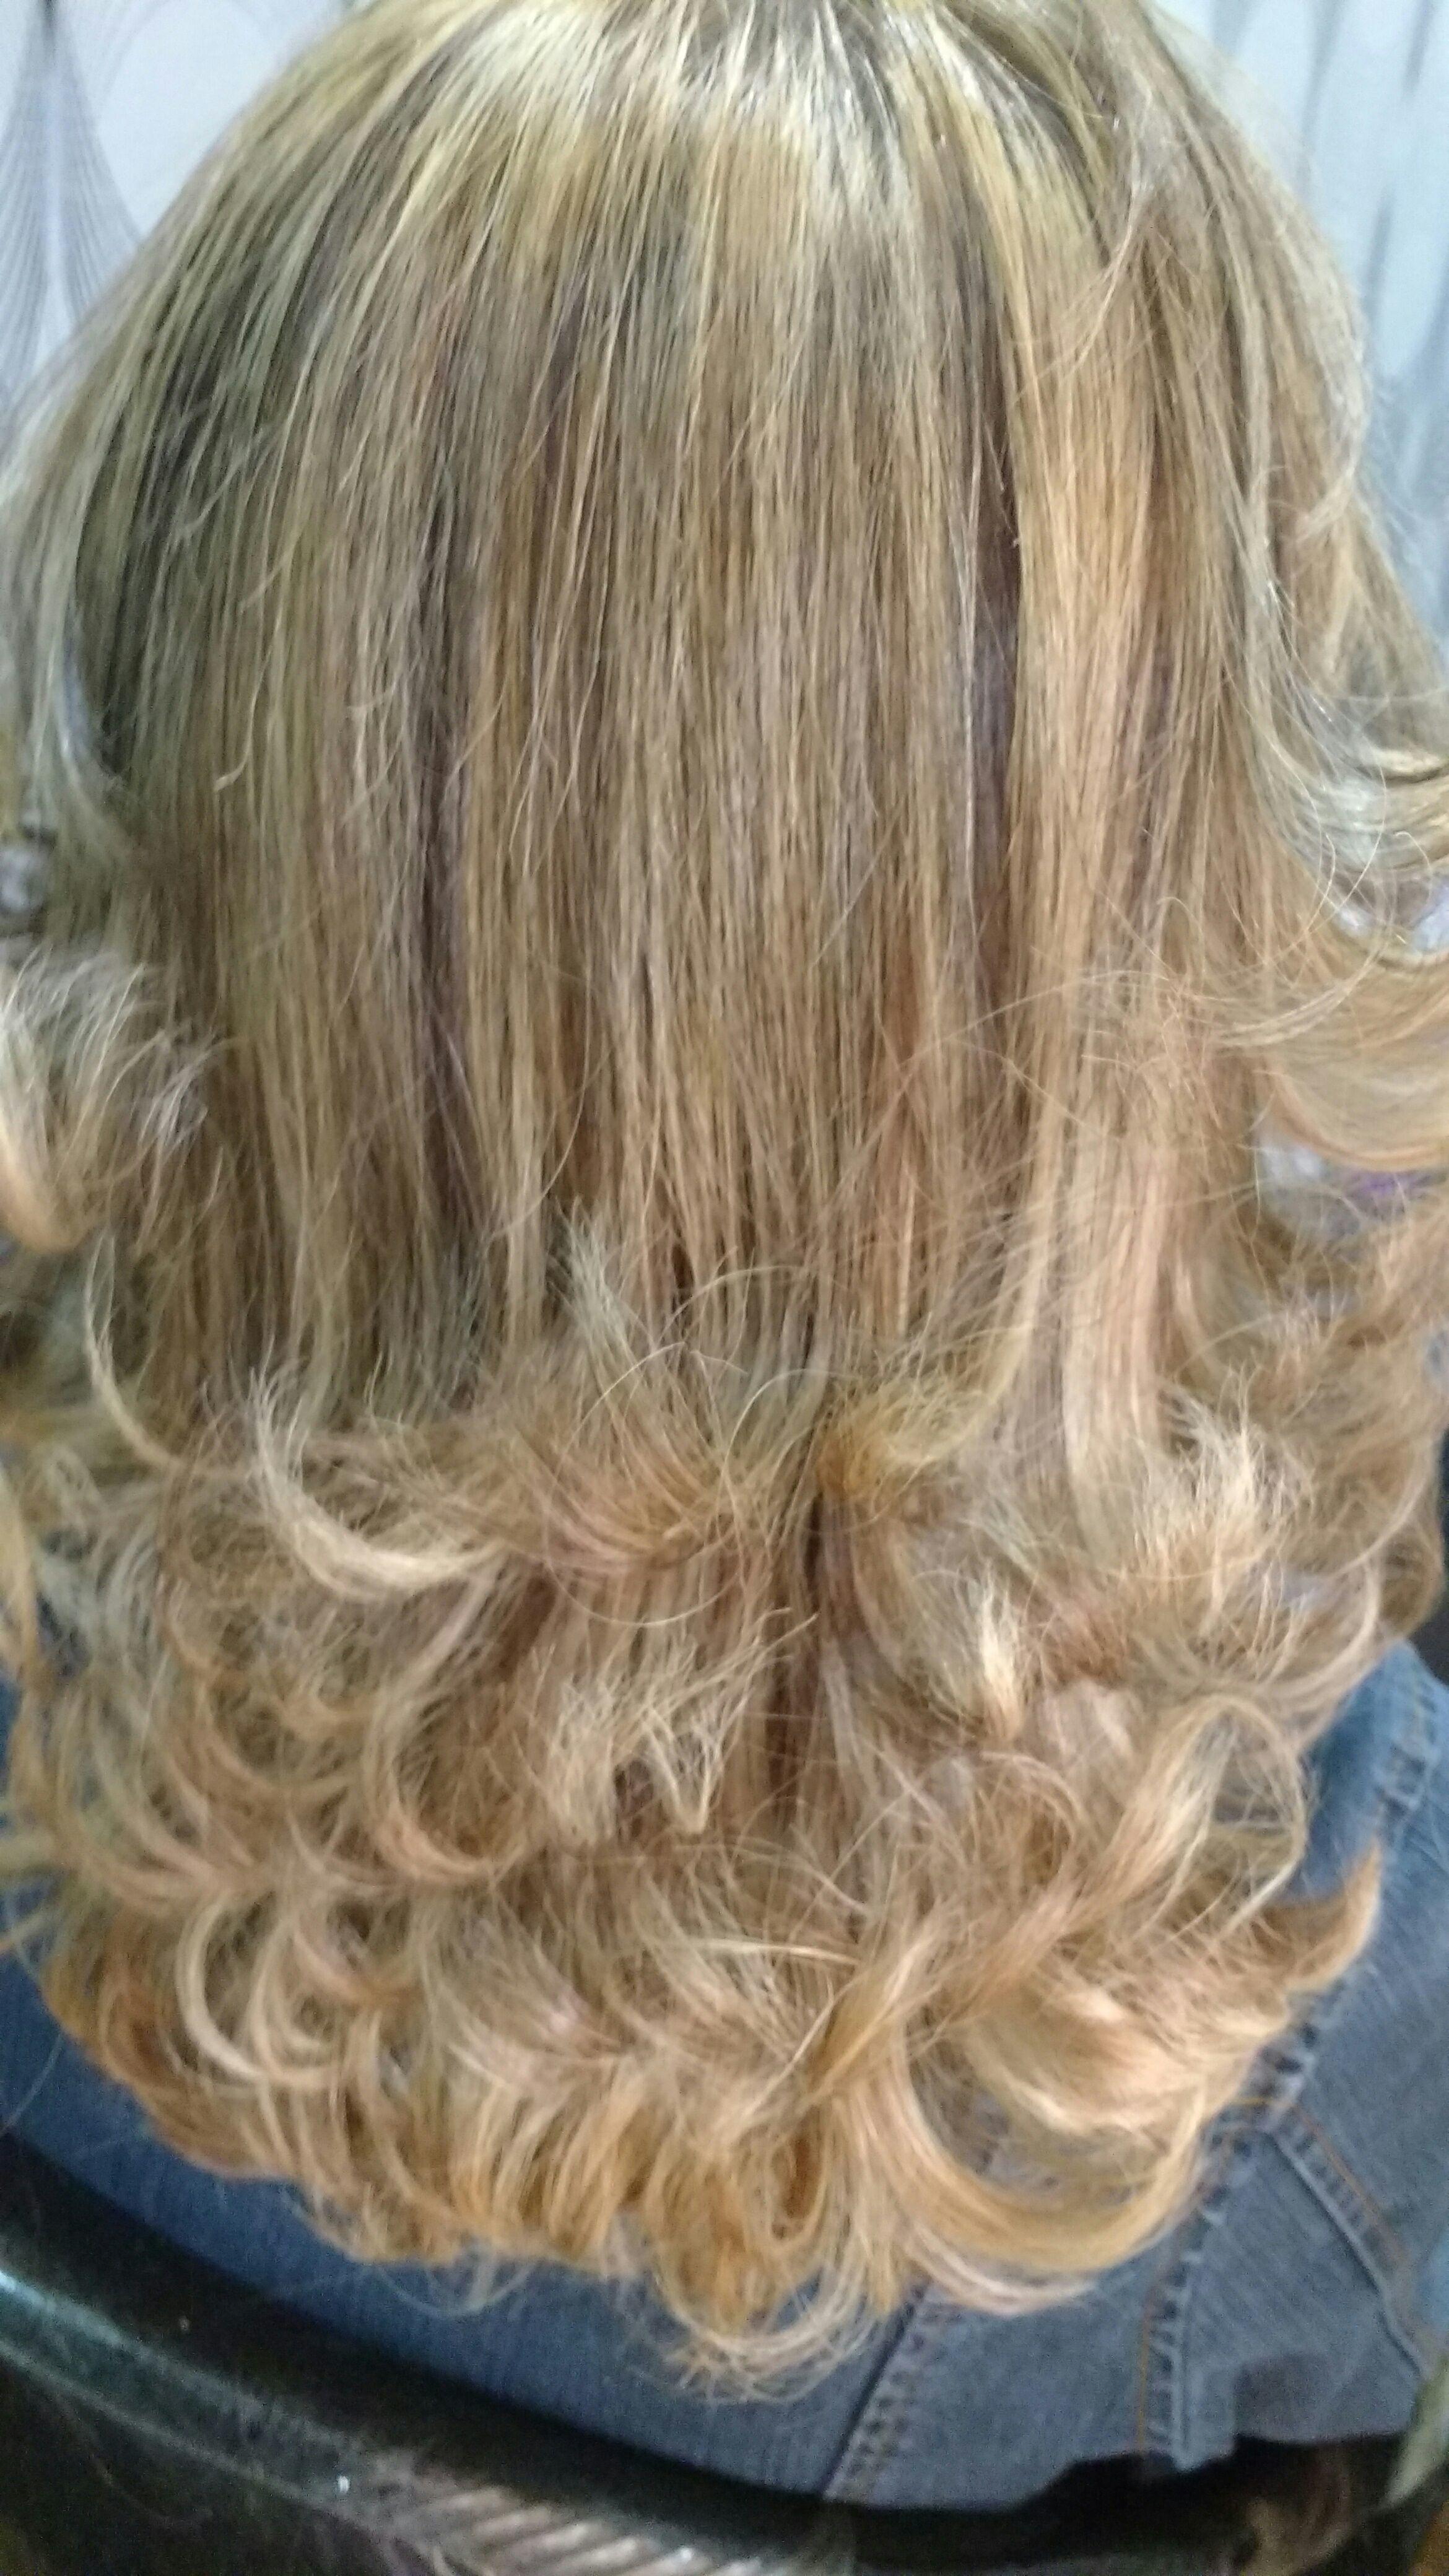 cabeleireiro(a) auxiliar cabeleireiro(a) cabeleireiro(a) cabeleireiro(a)